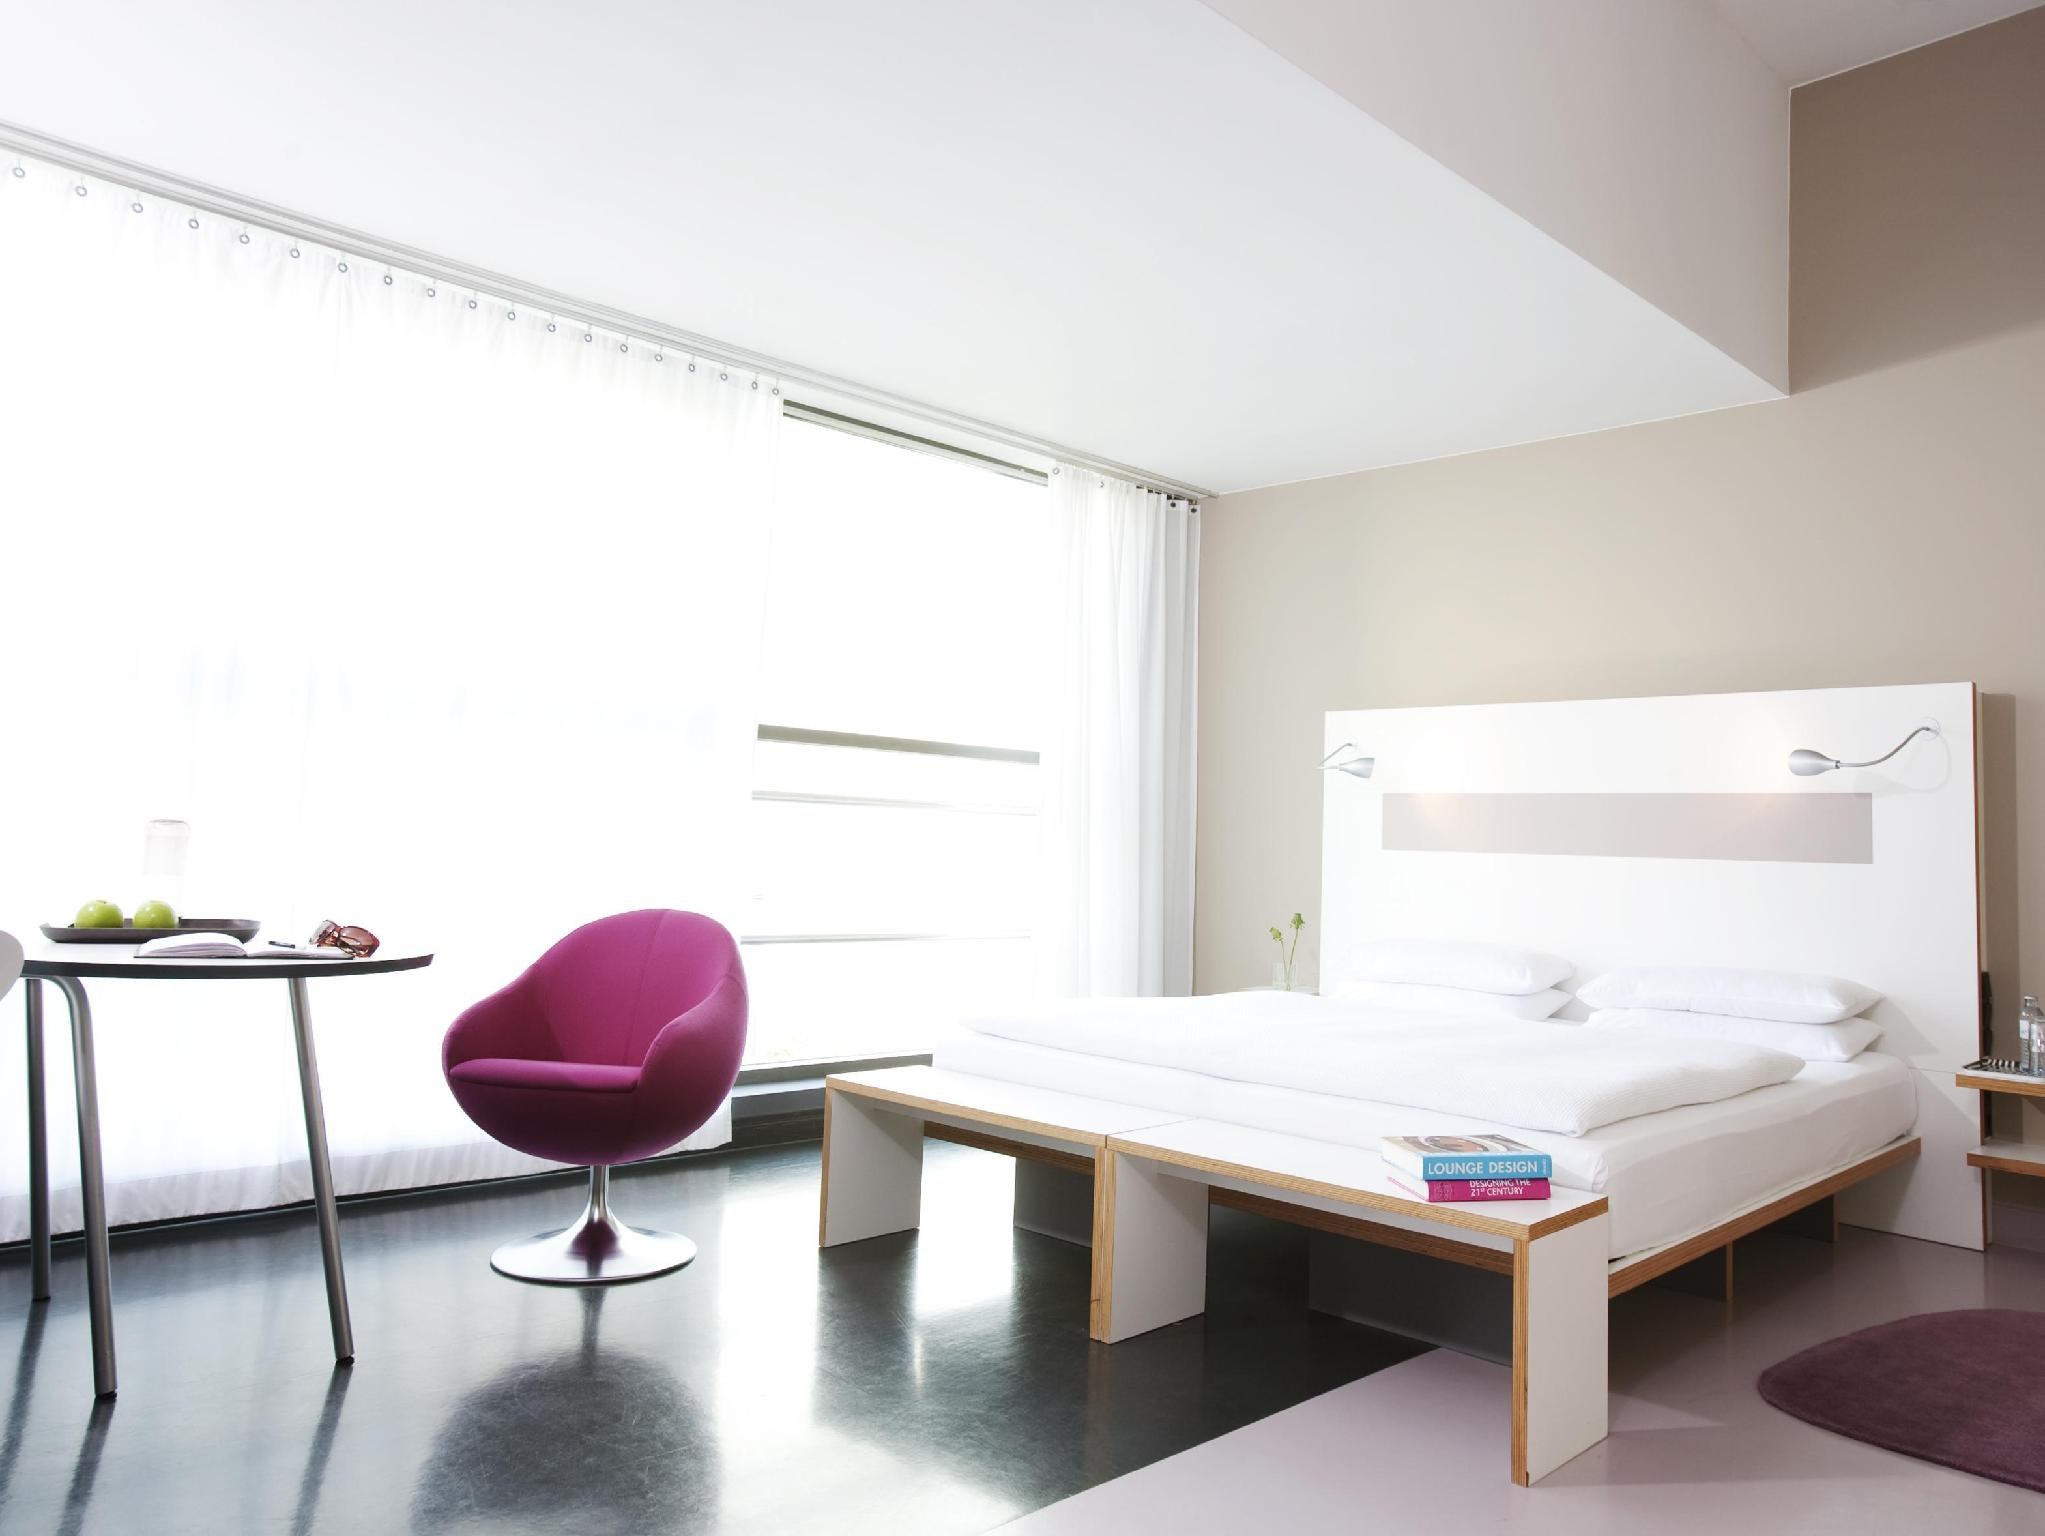 โรงแรมคุดัมม์ 101 เบอร์ลิน